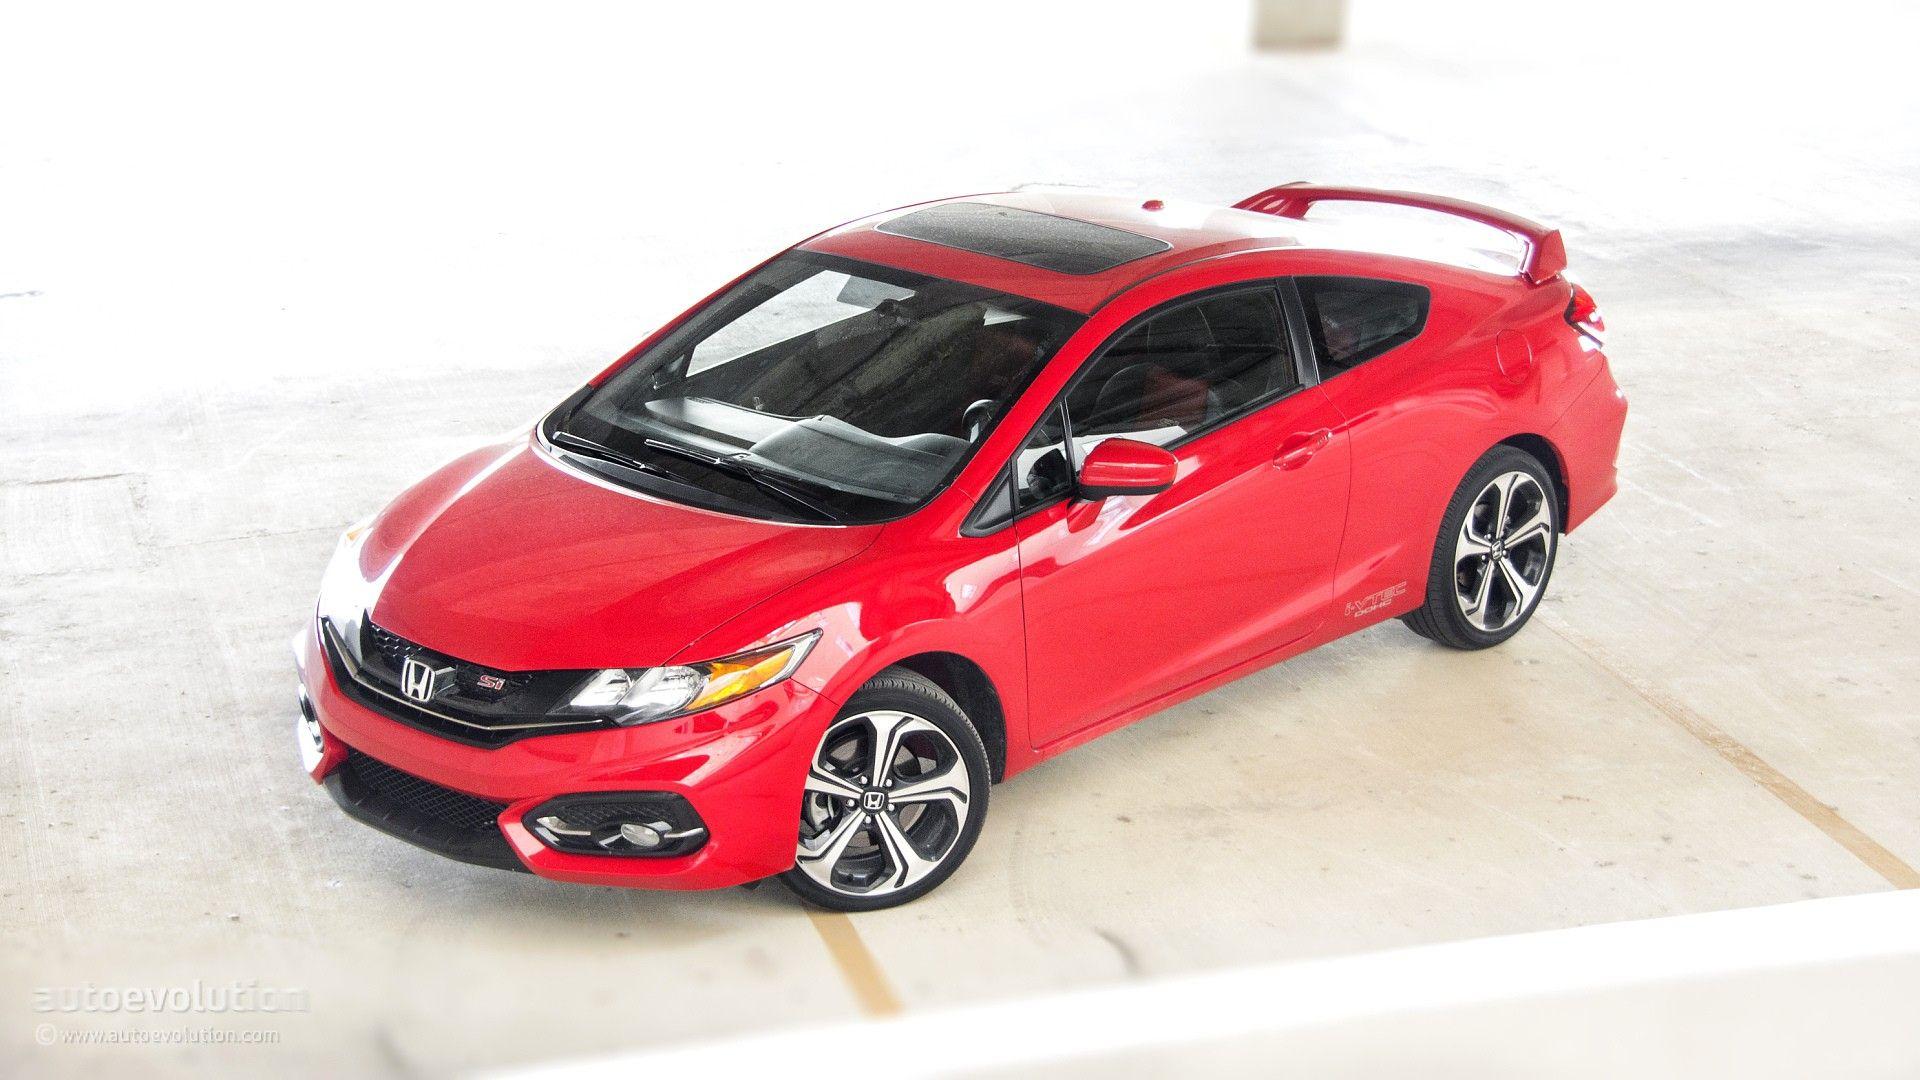 2015 Honda Civic Si Coupe review 2015 honda civic, Honda